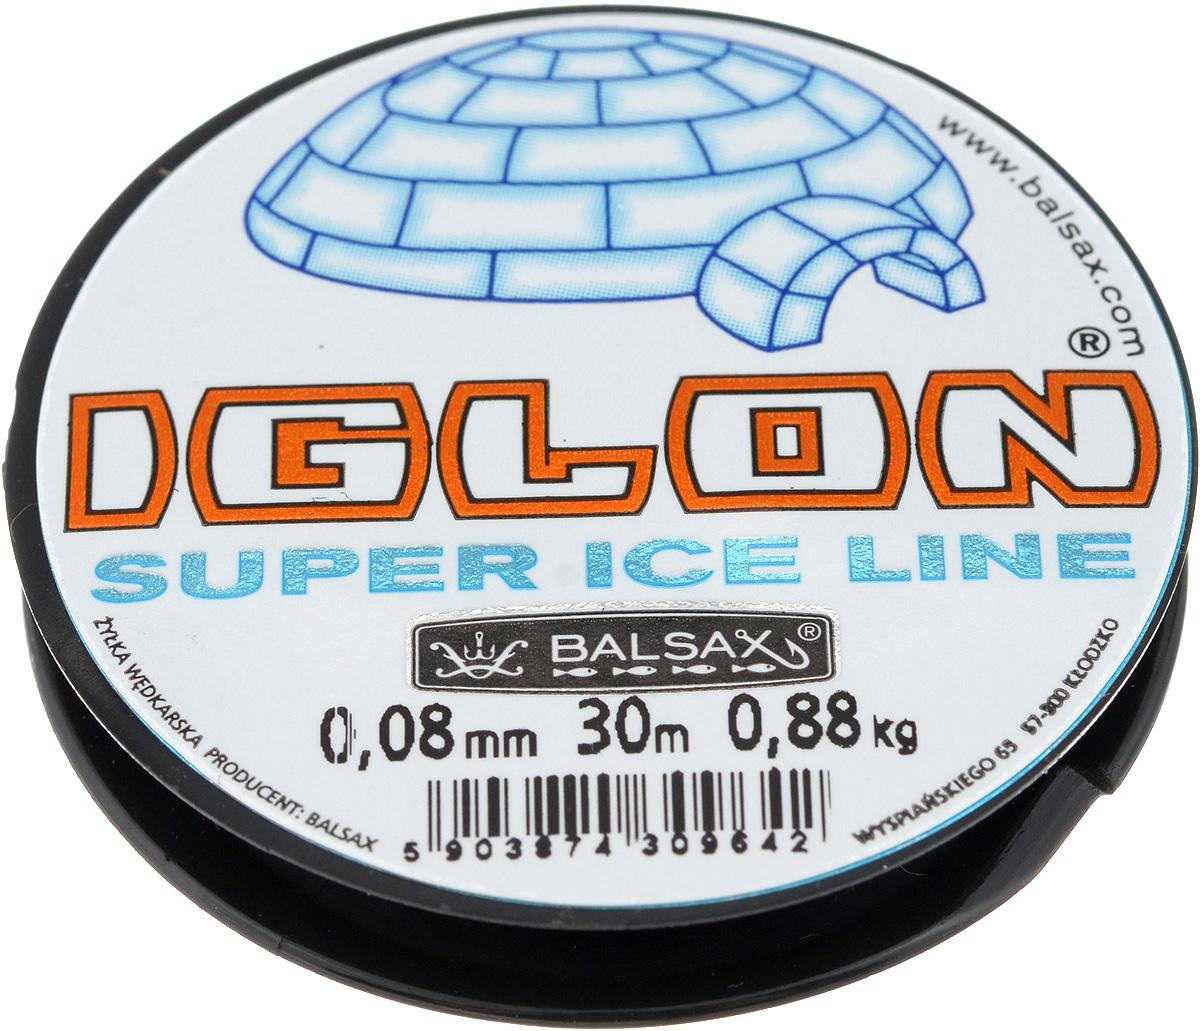 Леска зимняя Balsax Iglon, 30 м, 0,08 мм, 0,88 кг10948Леска Balsax Iglon изготовлена из 100% нейлона и очень хорошо выдерживает низкие температуры. Даже в самом холодном климате, при температуре вплоть до -40°C, она сохраняет свои свойства практически без изменений, в то время как традиционные лески становятся менее эластичными и теряют прочность.Поверхность лески обработана таким образом, что она не обмерзает и отлично подходит для подледного лова. Прочна в местах вязки узлов даже при минимальном диаметре.